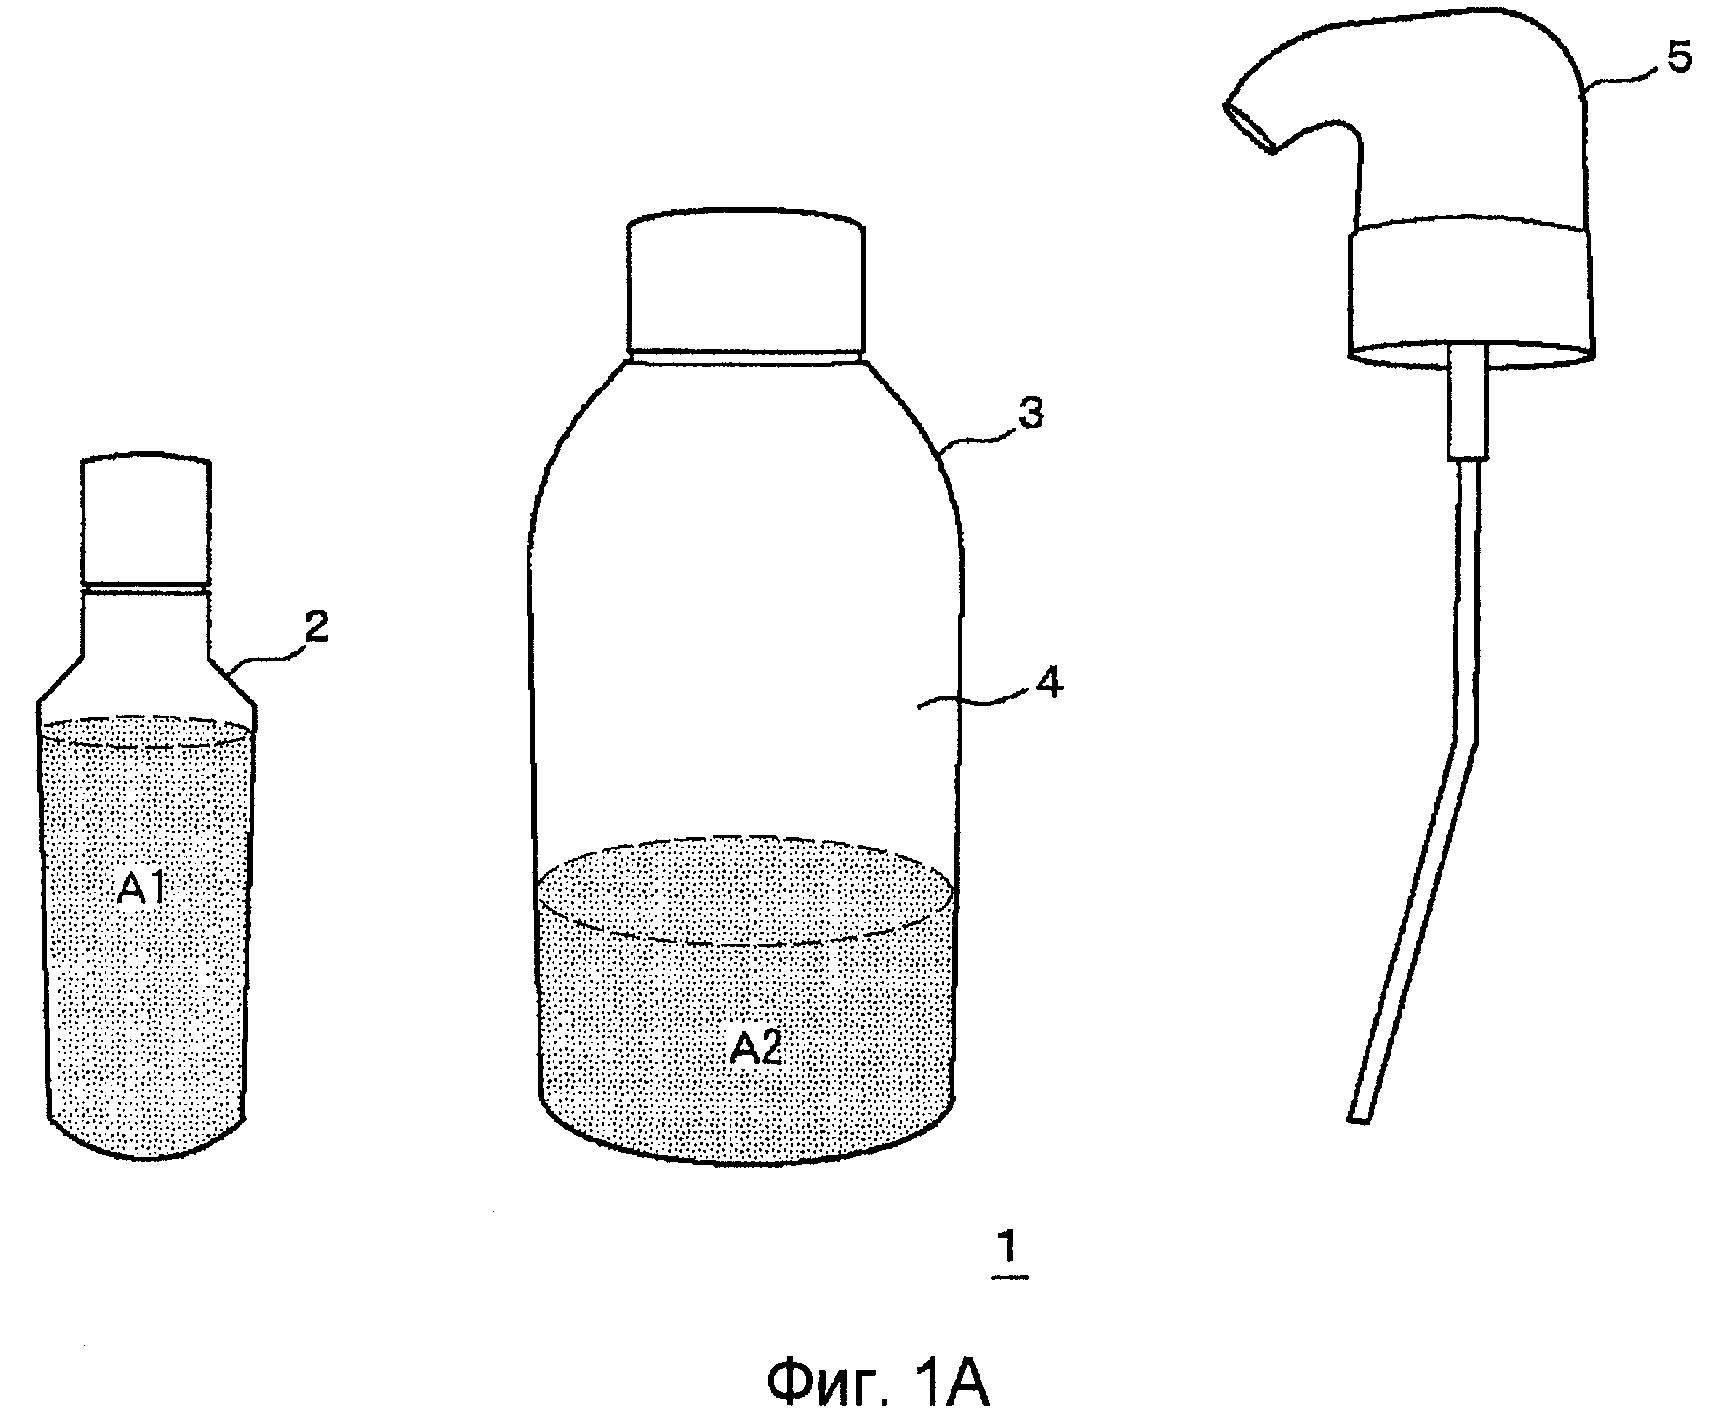 Двухкомпонентная композиция для окрашивания или обесцвечивания волос